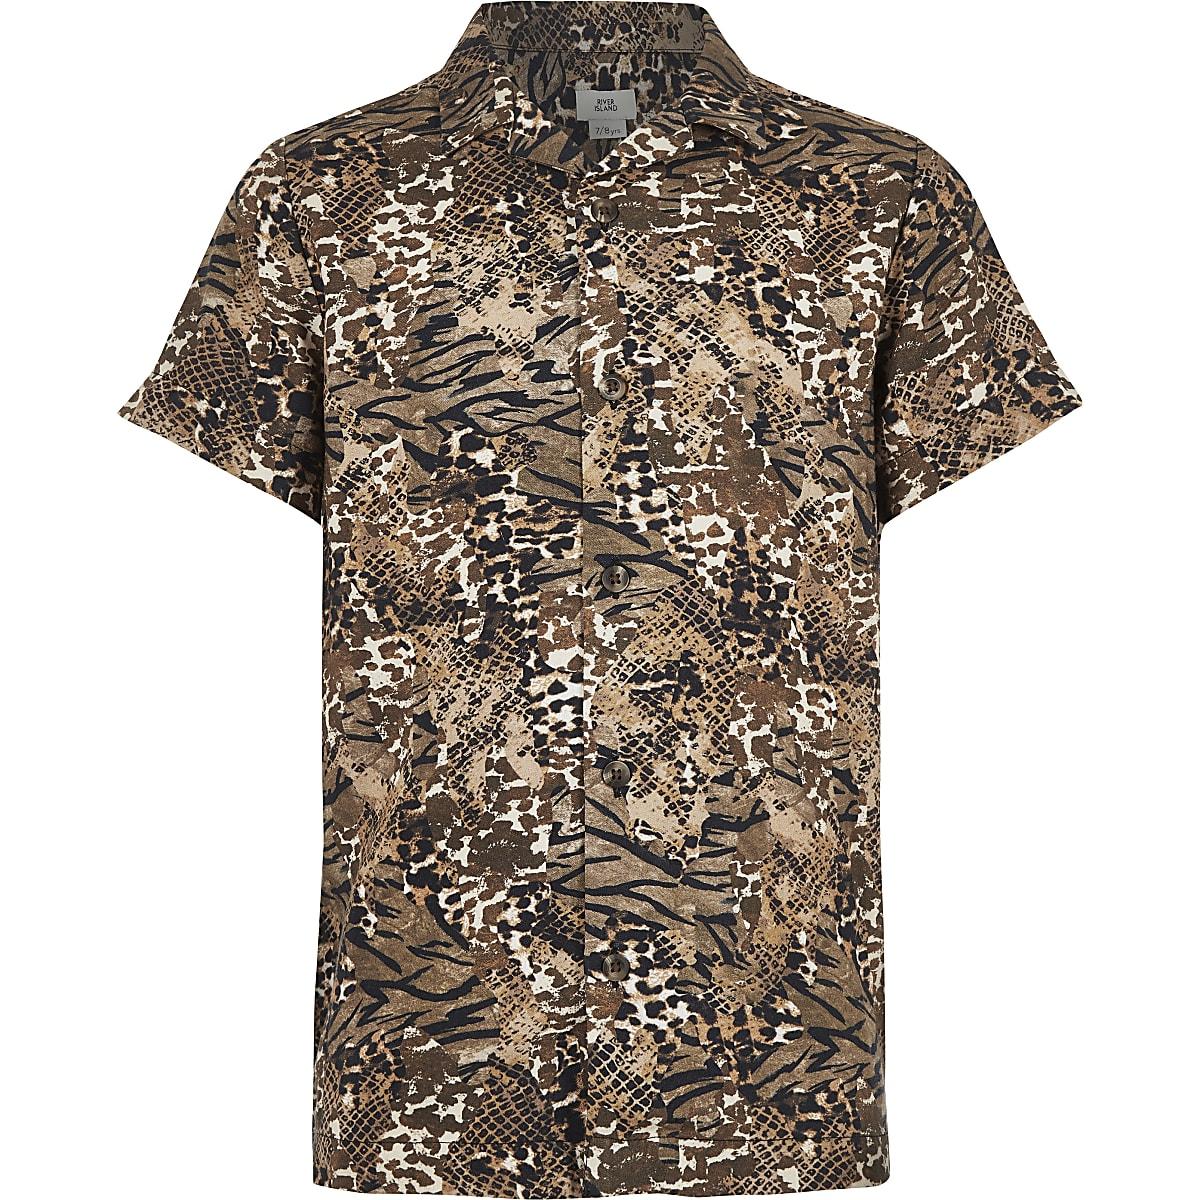 Boys brown animal print shirt